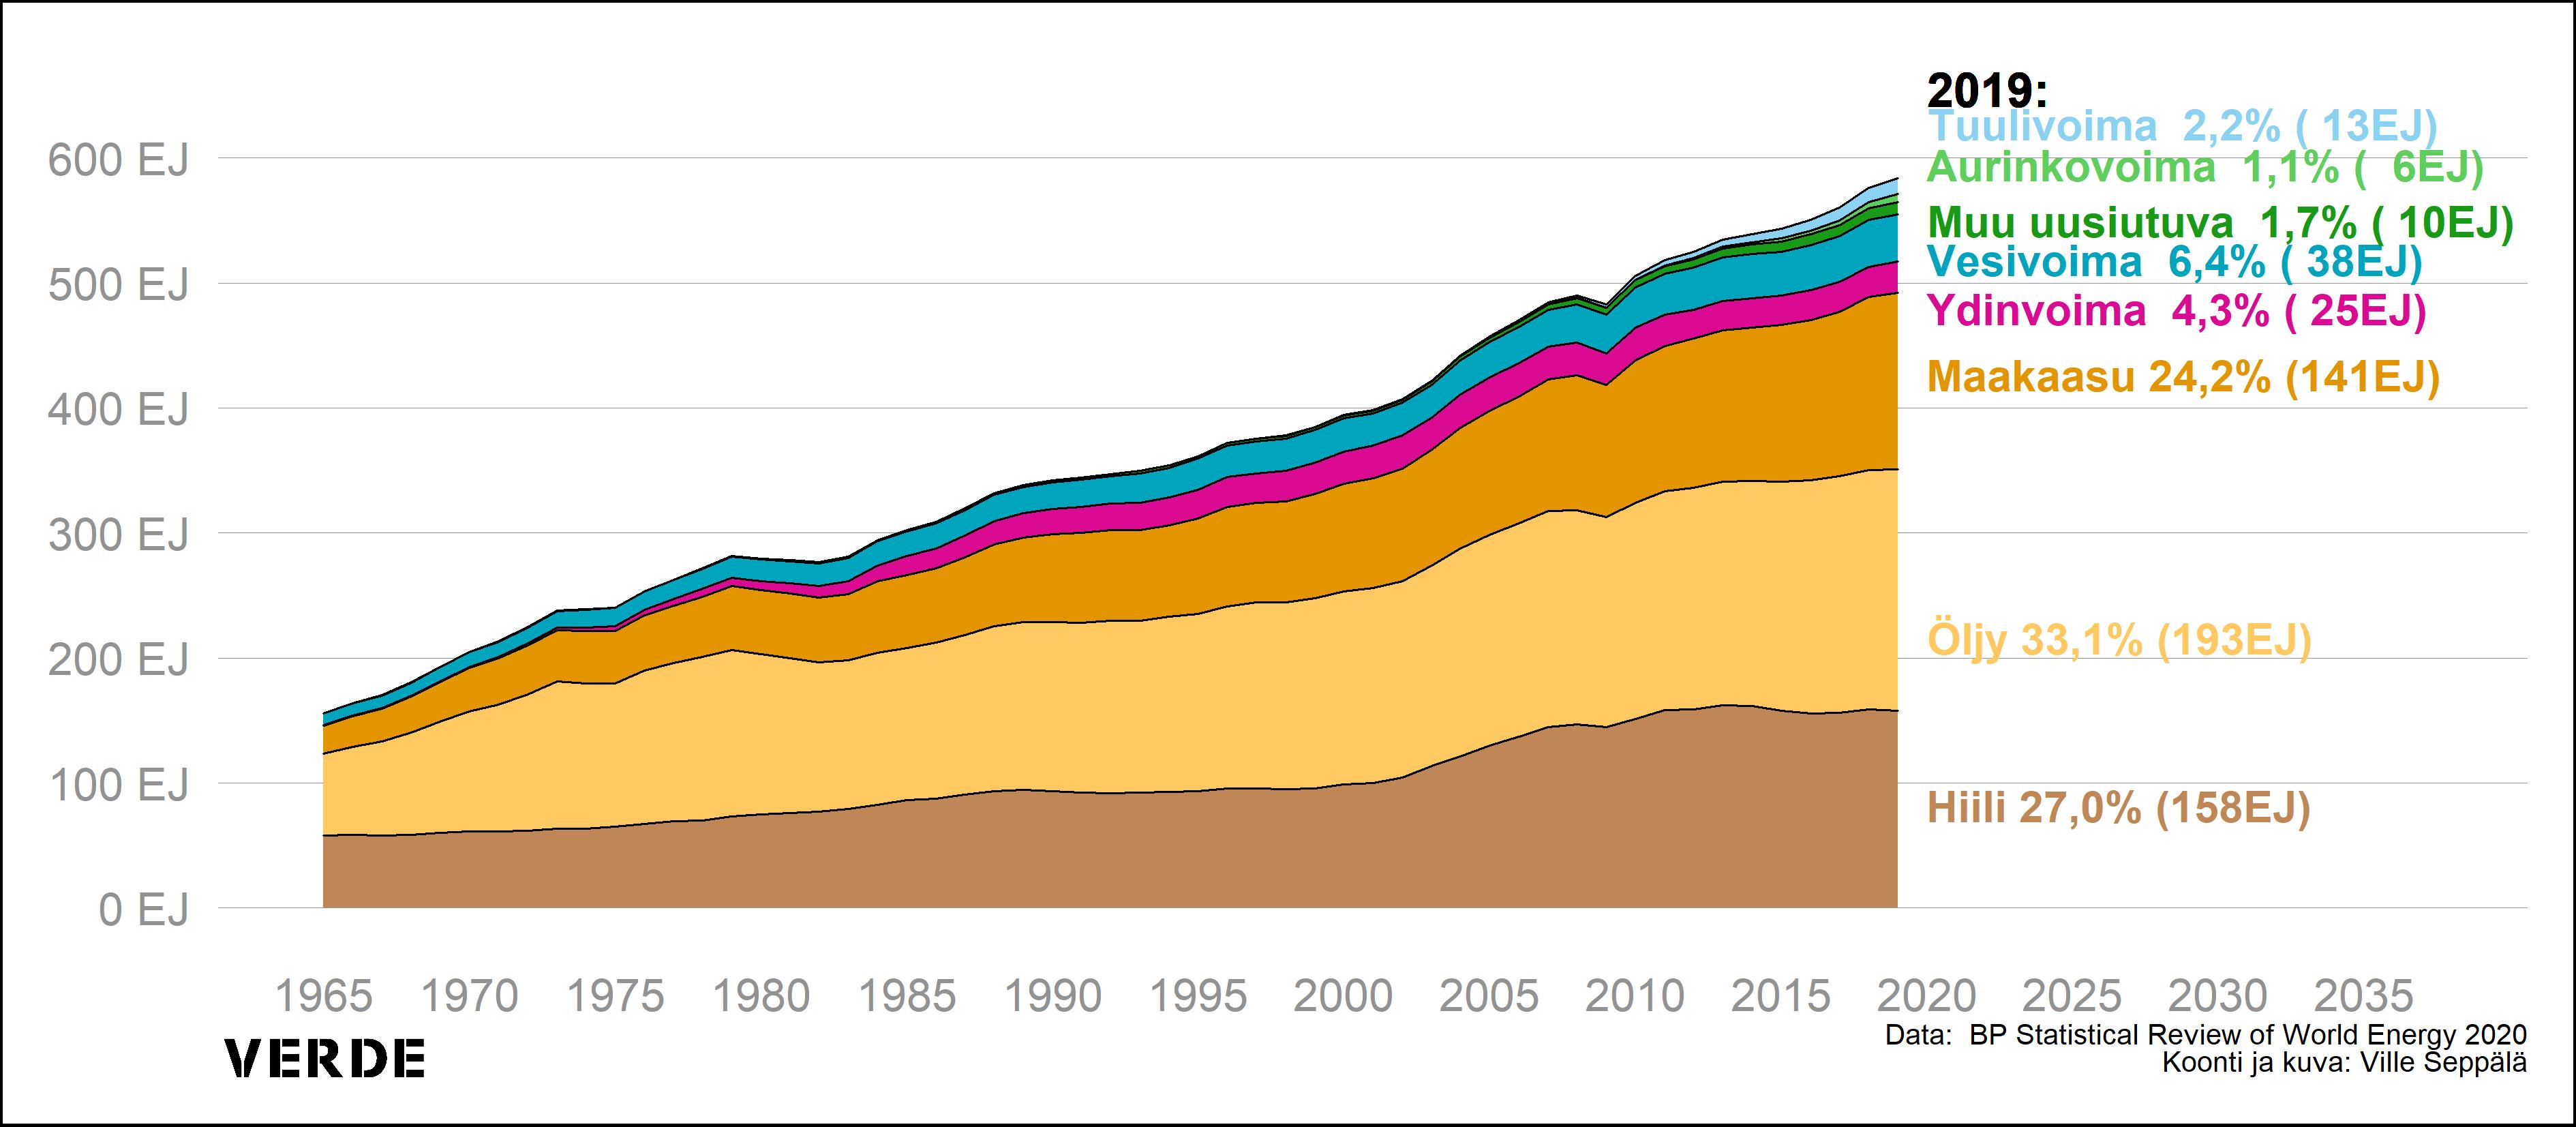 Maailman energiakulutusta kuvaava graafinen esitys.